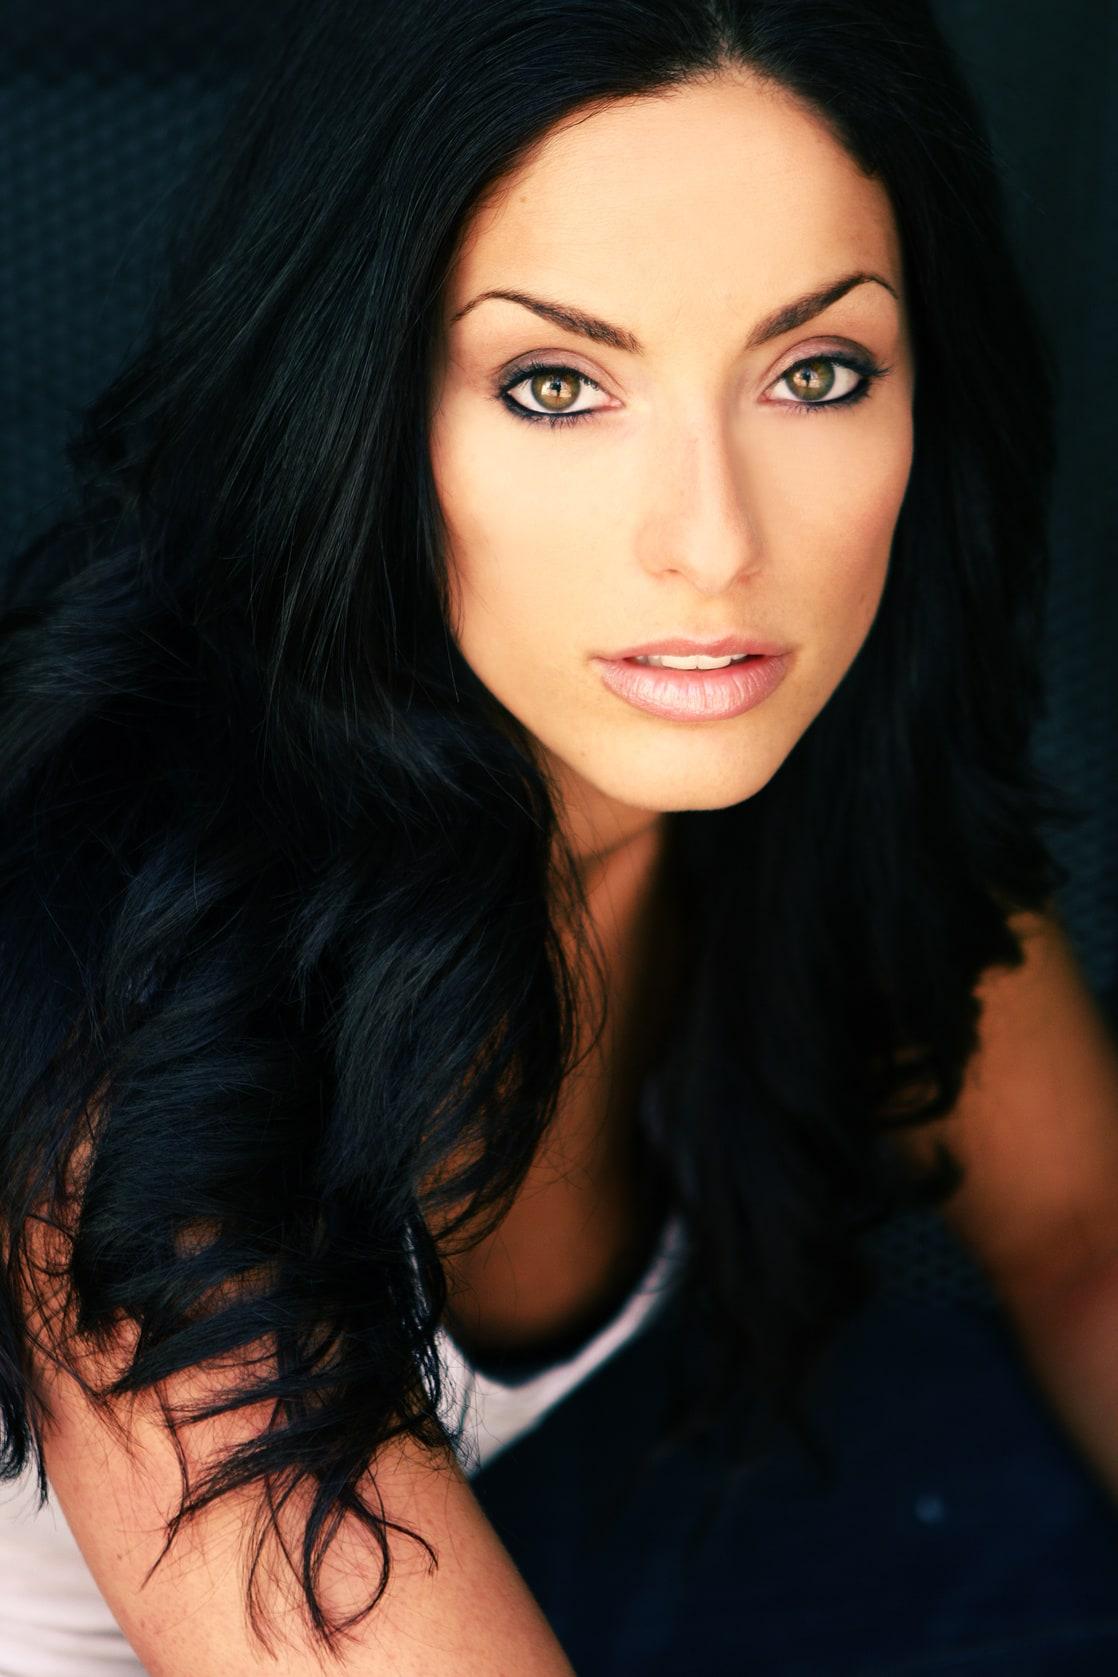 Picture of Erica Cerra